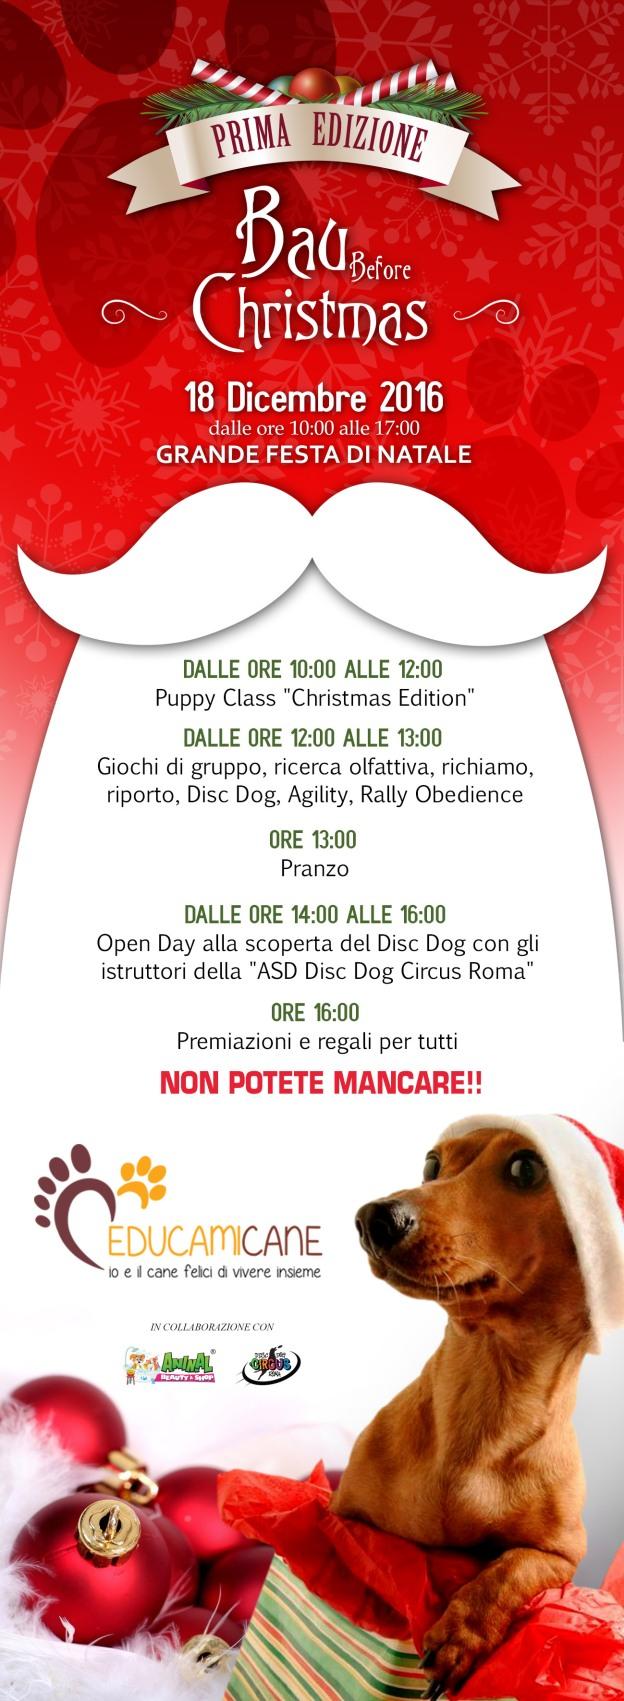 invito-natale-facebook-2016